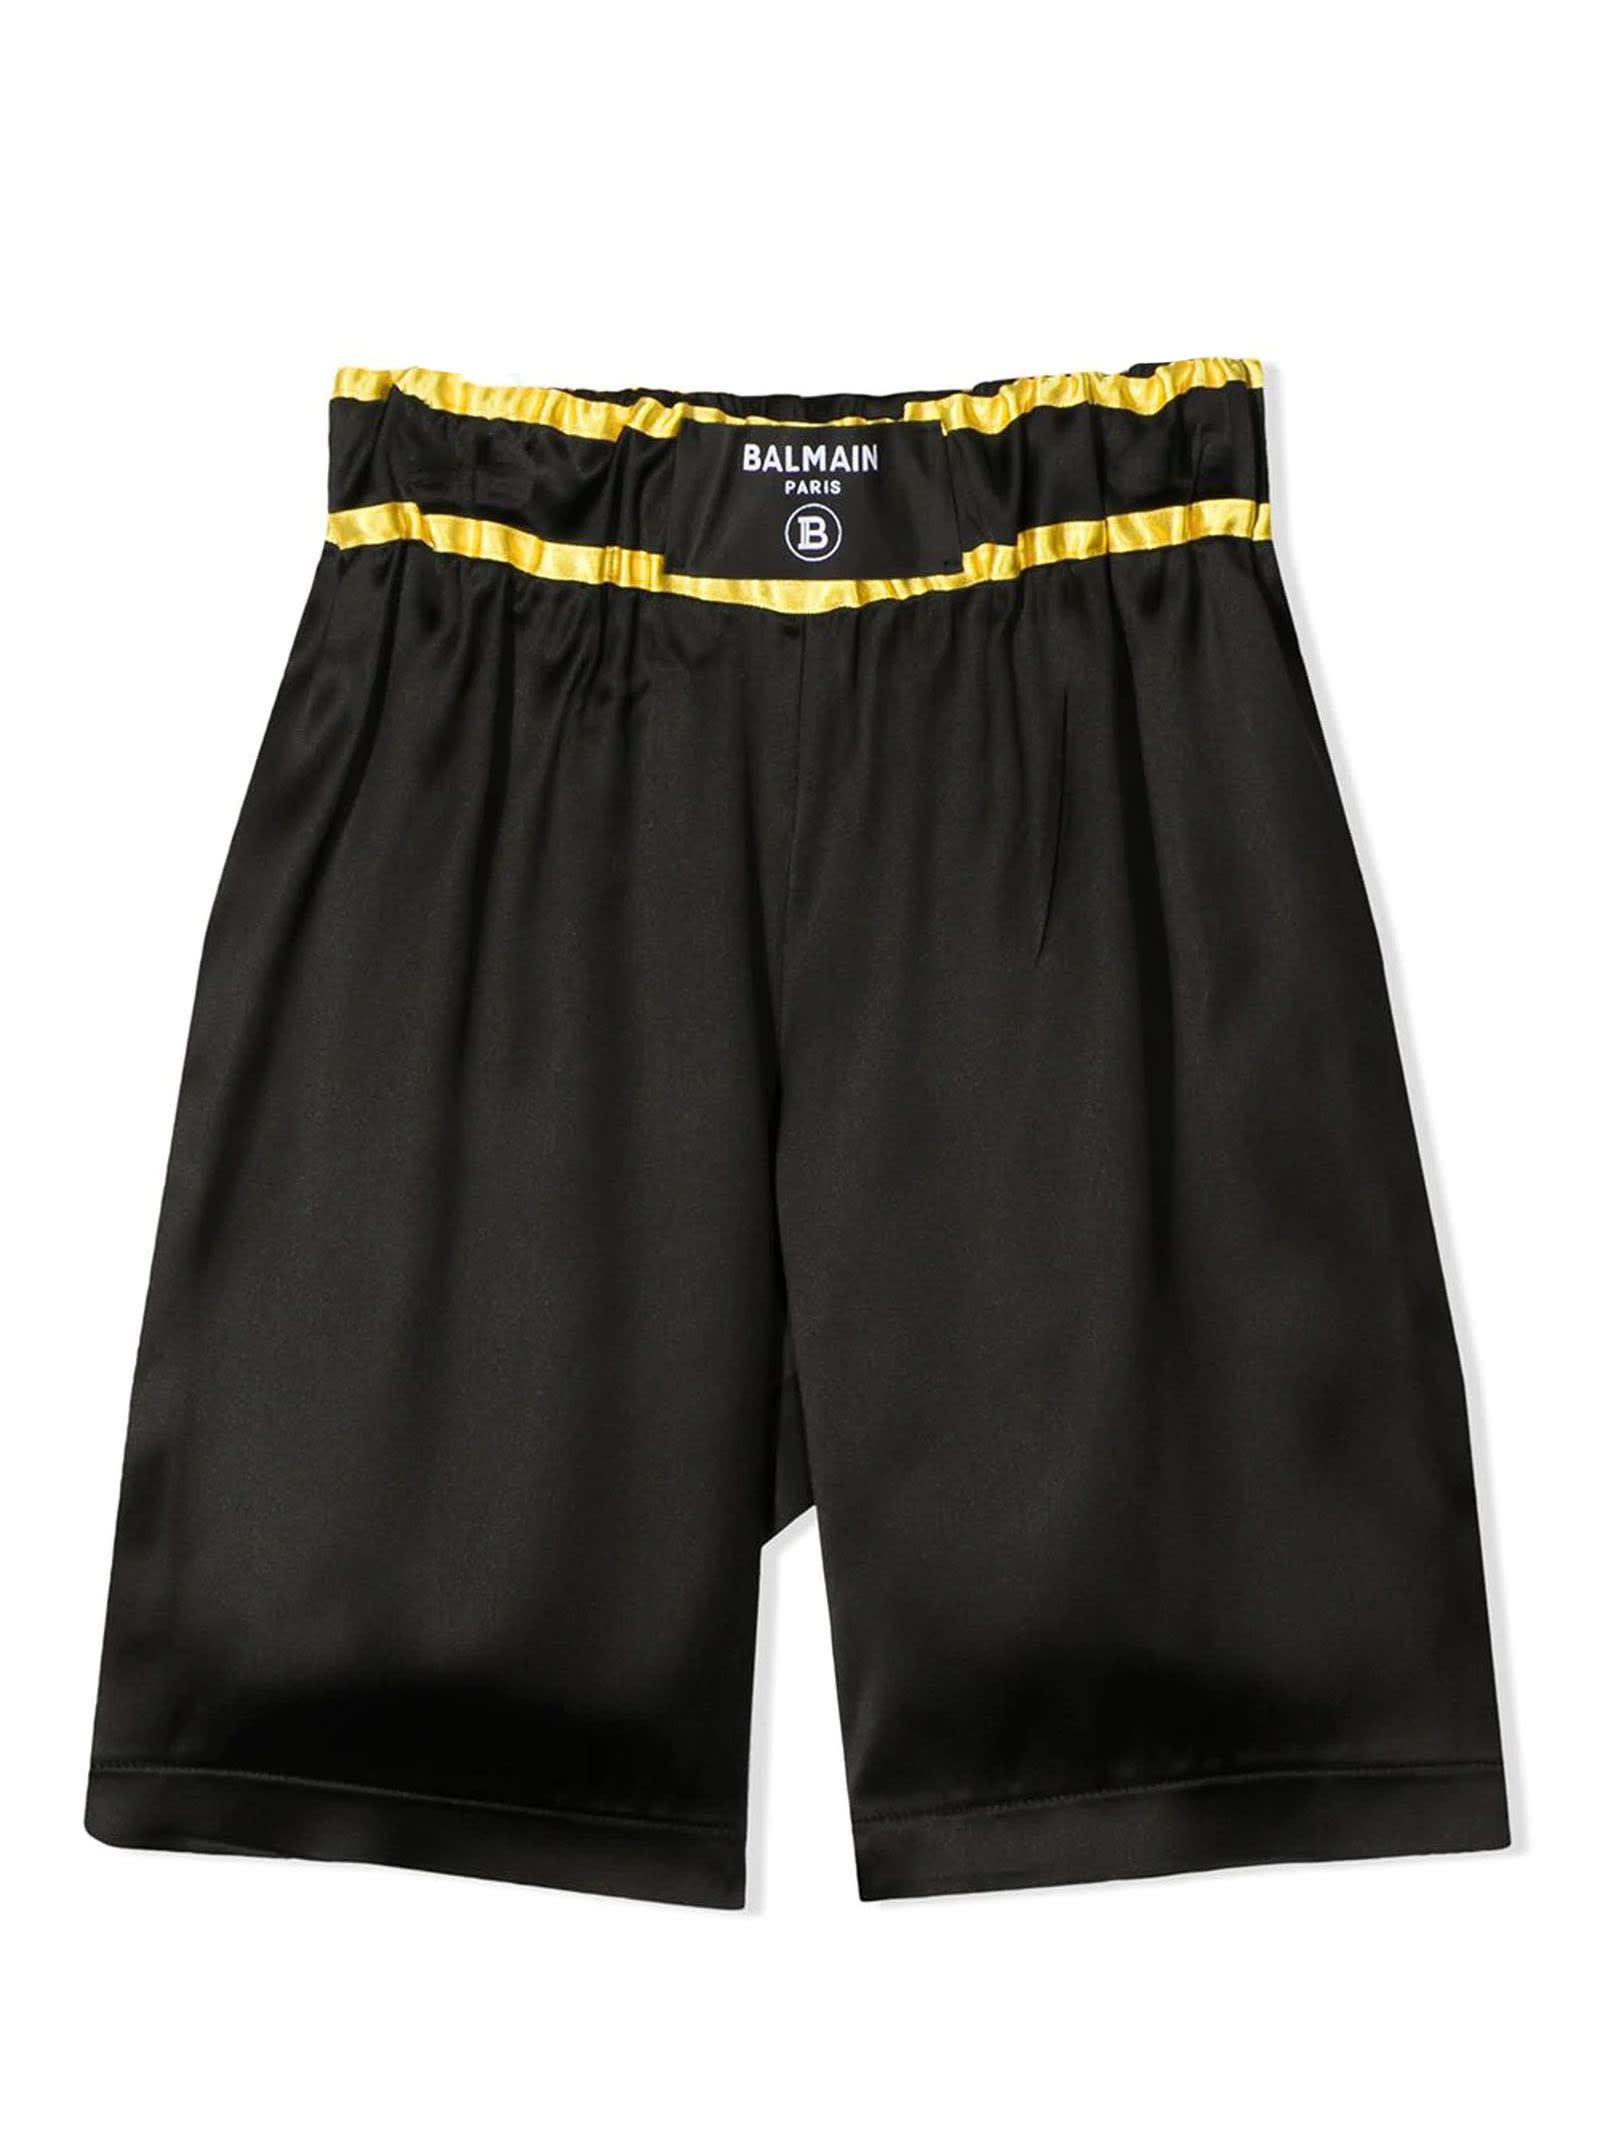 Balmain Shorts BLACK AND YELLOW SHORTS